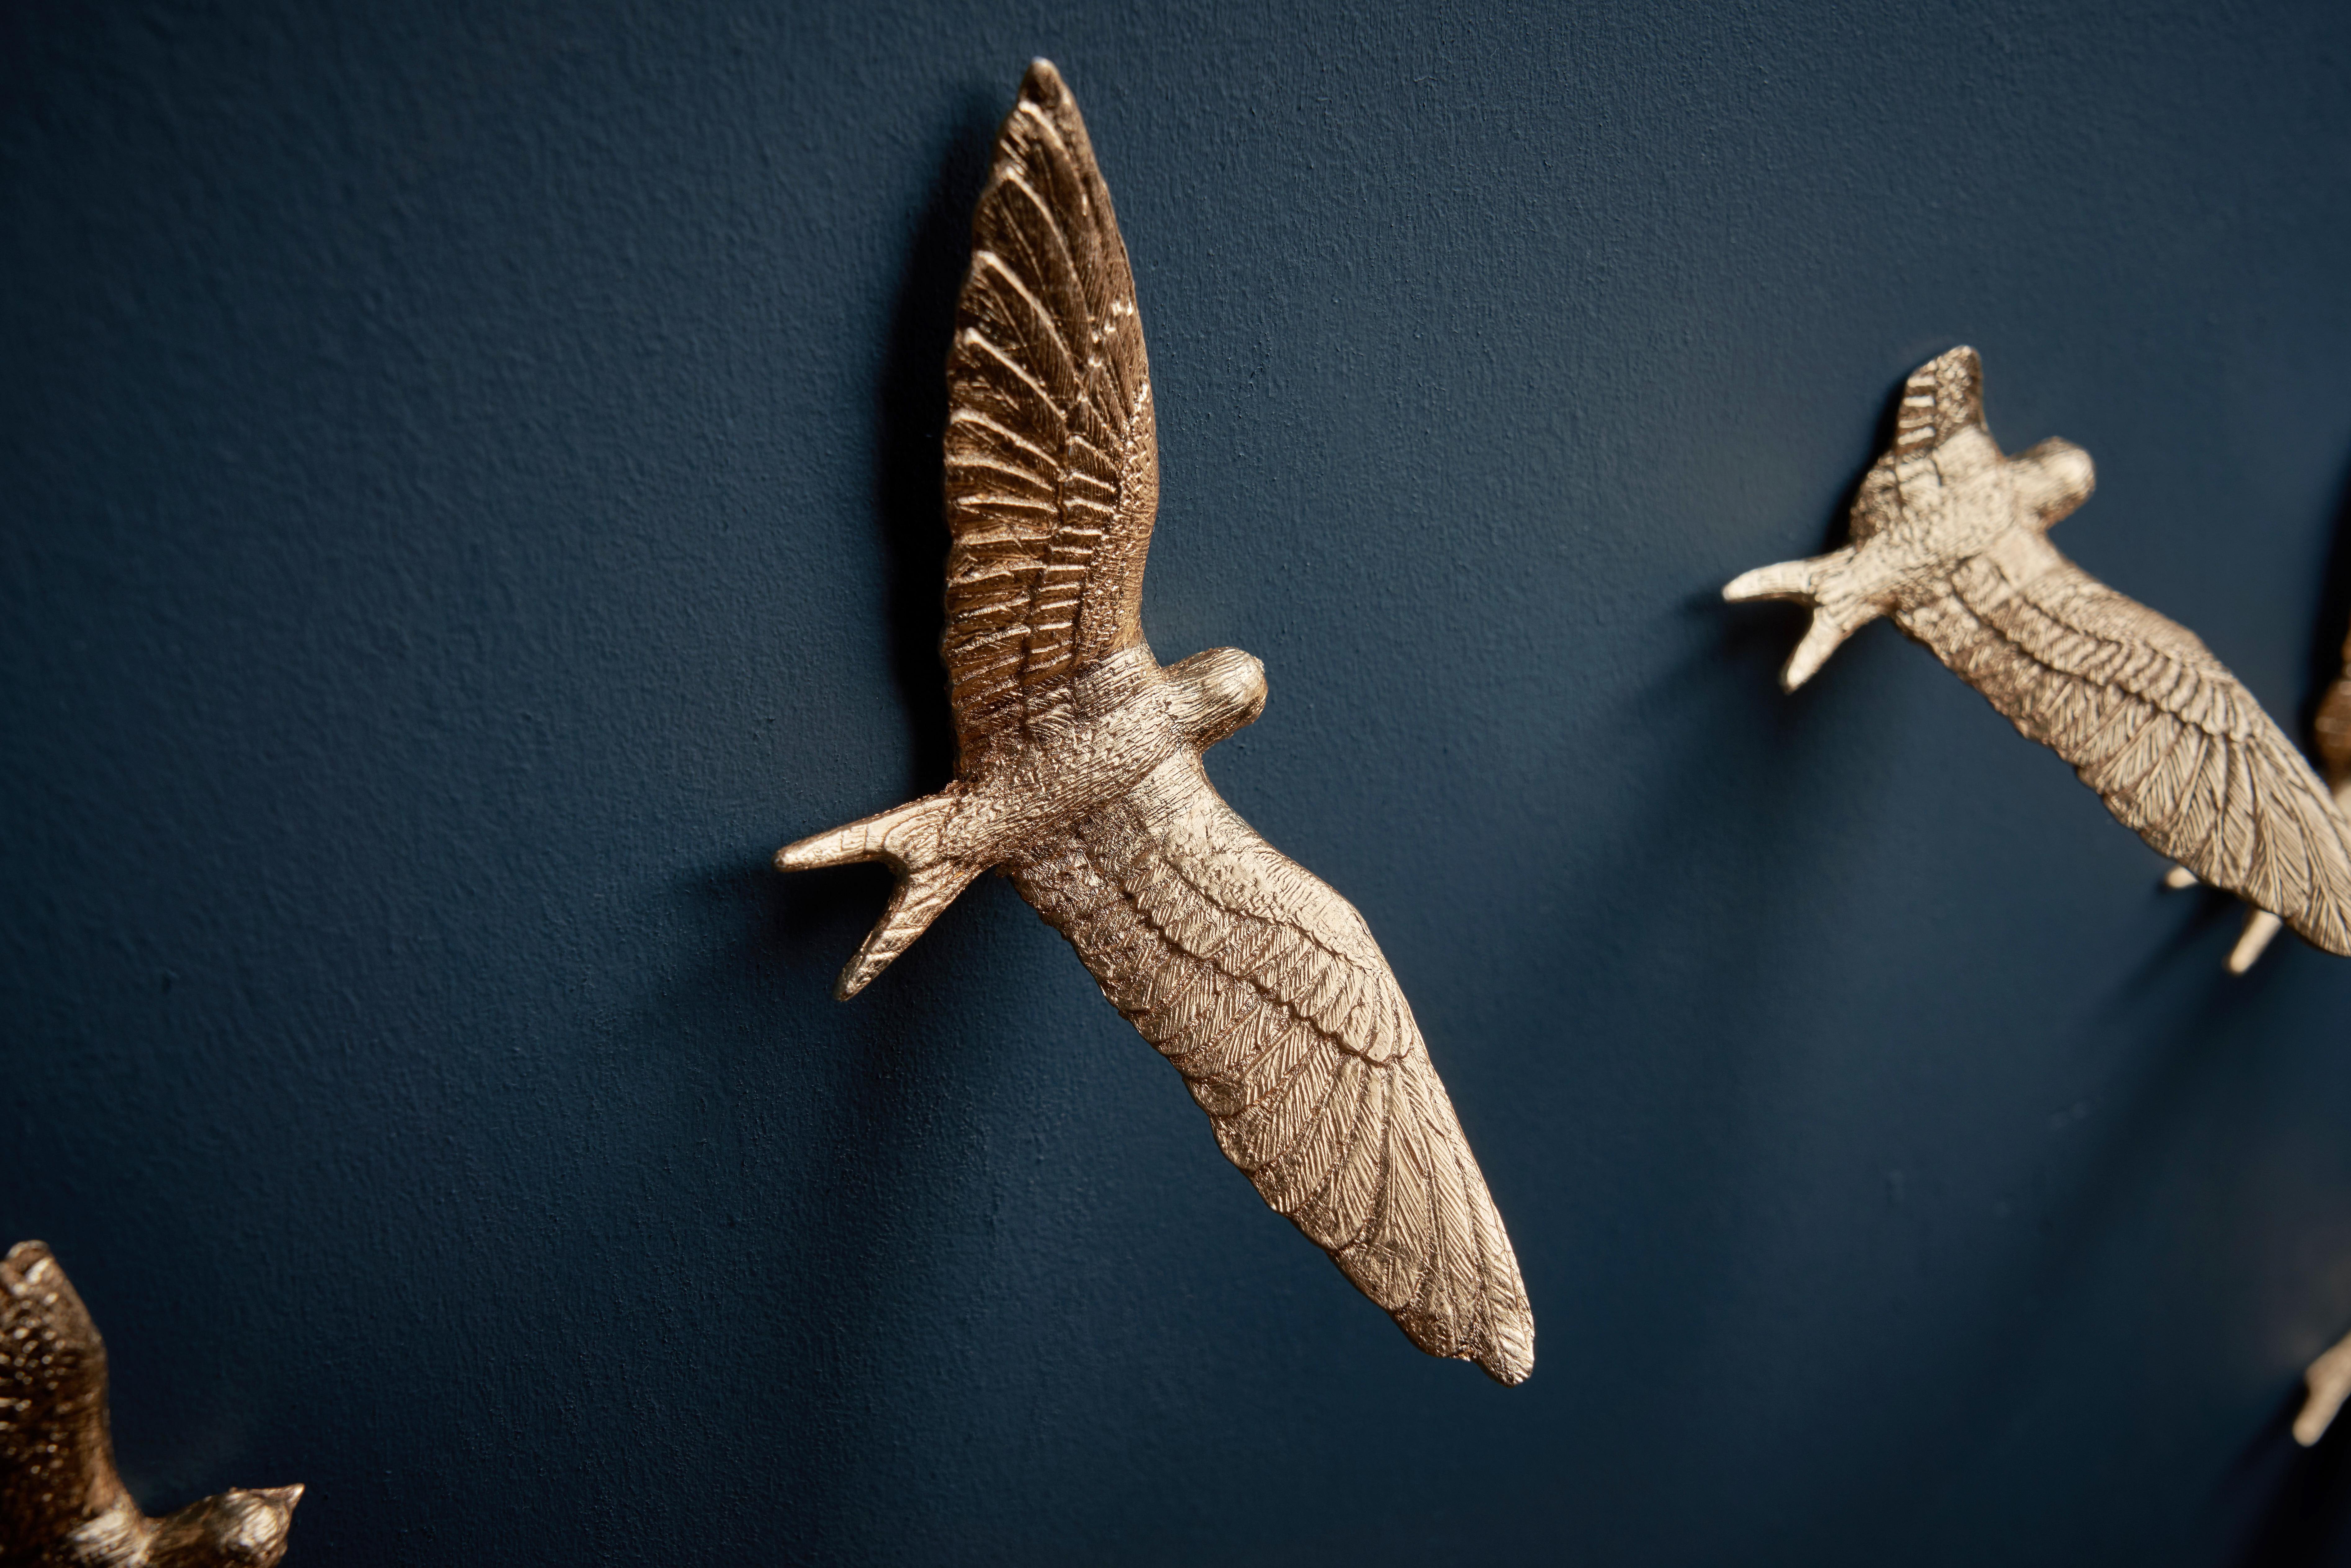 Wall clock bird close up